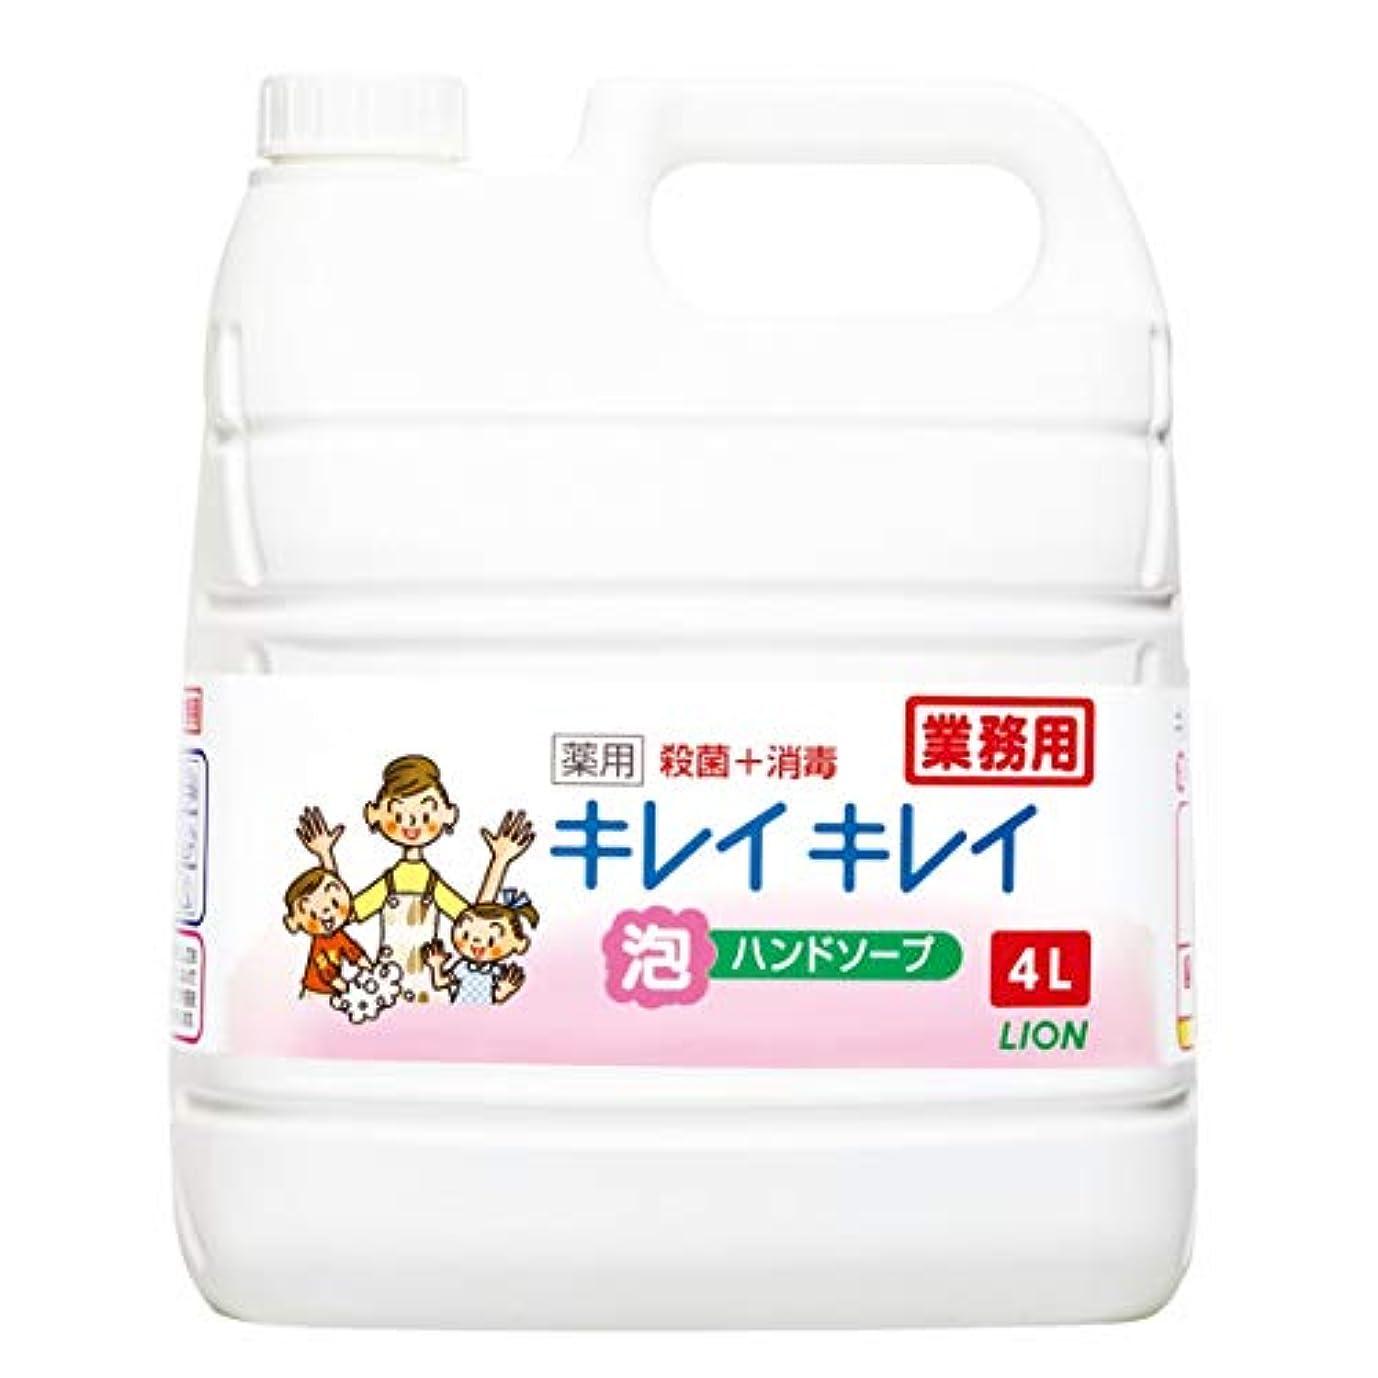 一致するビザおもしろい【業務用 大容量】キレイキレイ 薬用 泡ハンドソープ シトラスフルーティの香り 液体 単品 4L(医薬部外品)